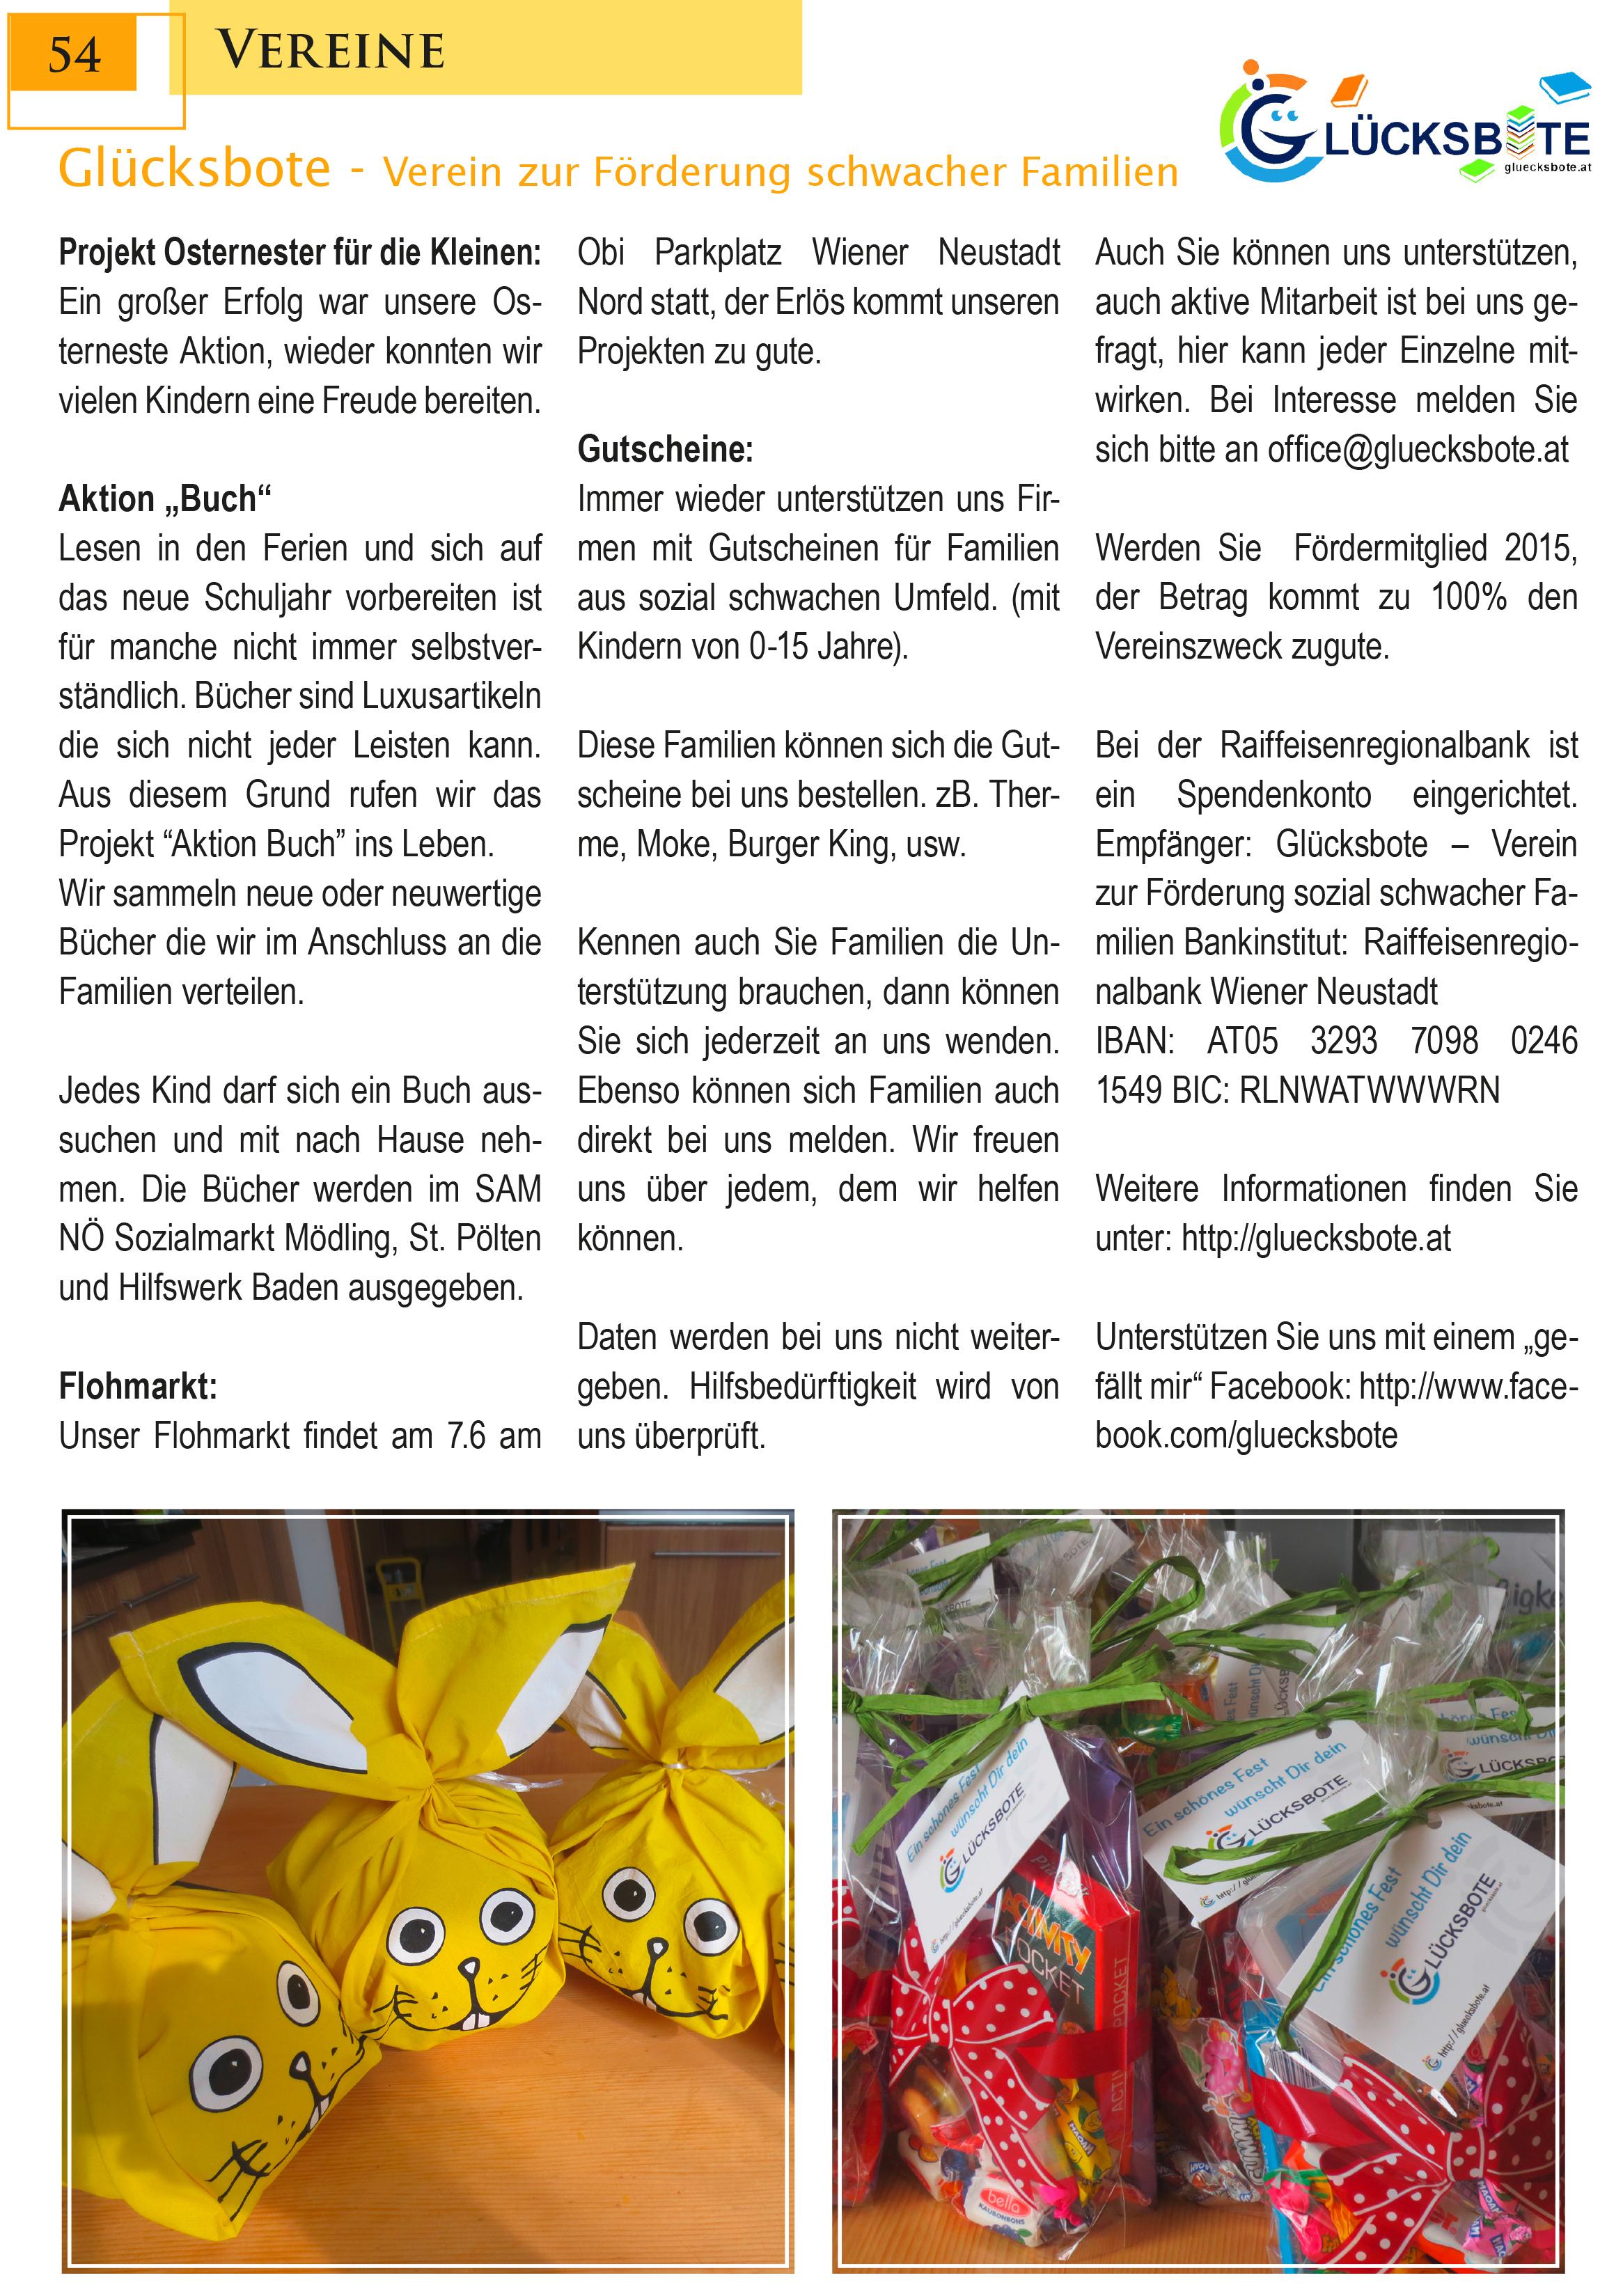 Gemeindezeitung (2.Ausgabe 2015).indd